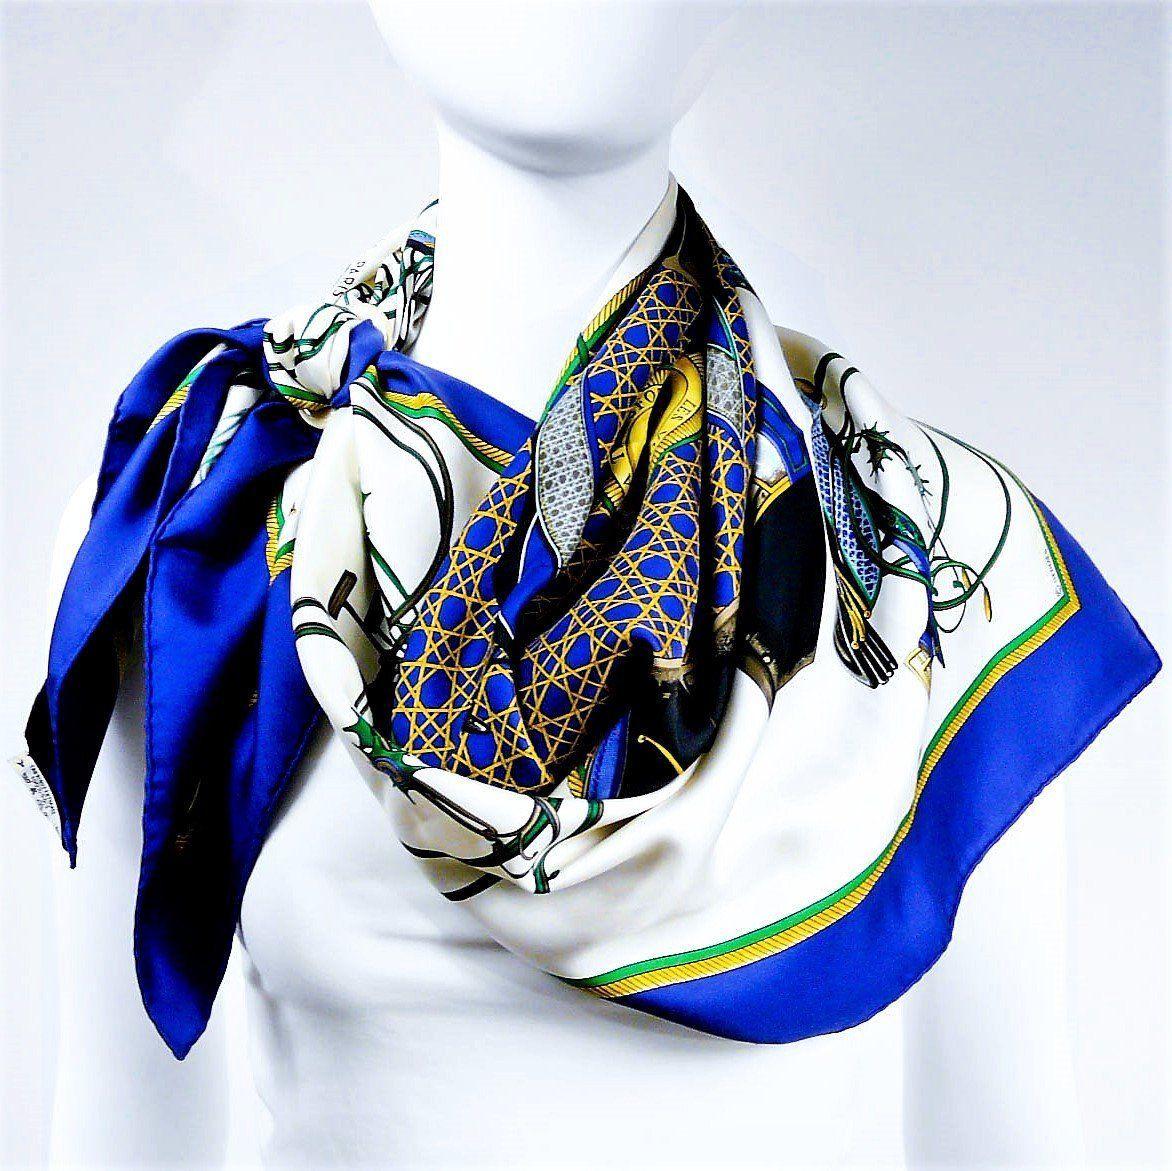 f3c6081c402 Hermes Les Voitures a Transformation Blue White CW